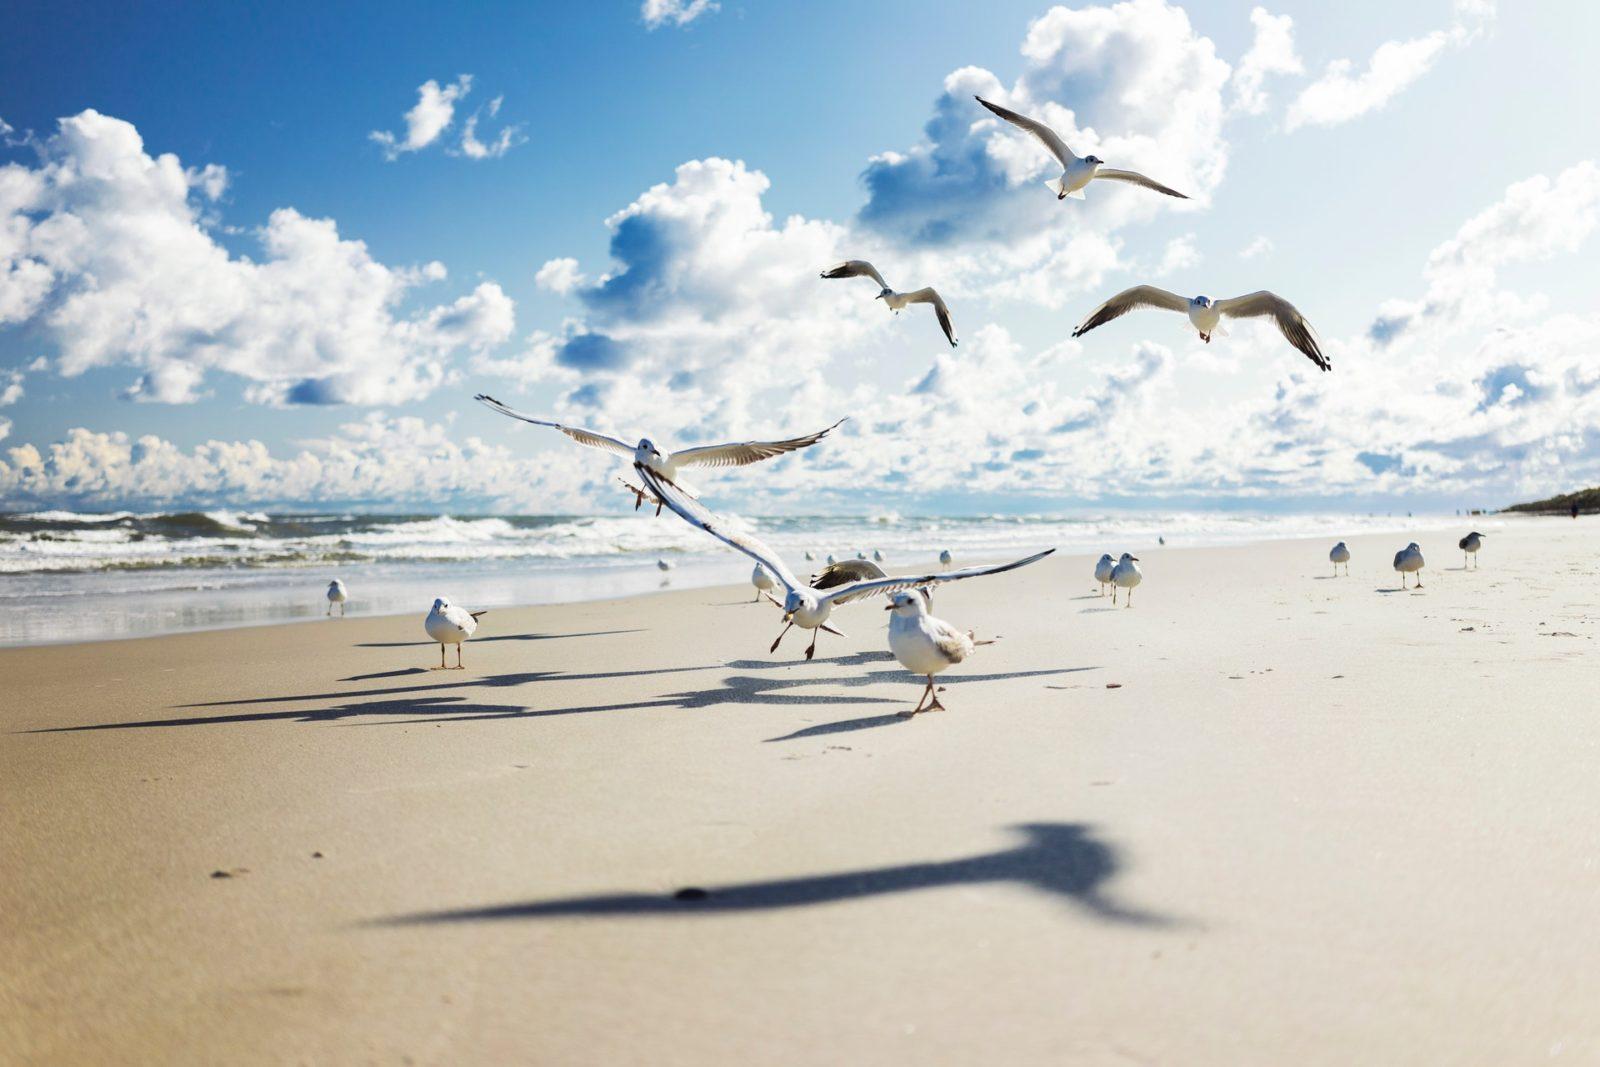 O albatroz é uma ave marinha muito encontrada no hemisfério Sul.